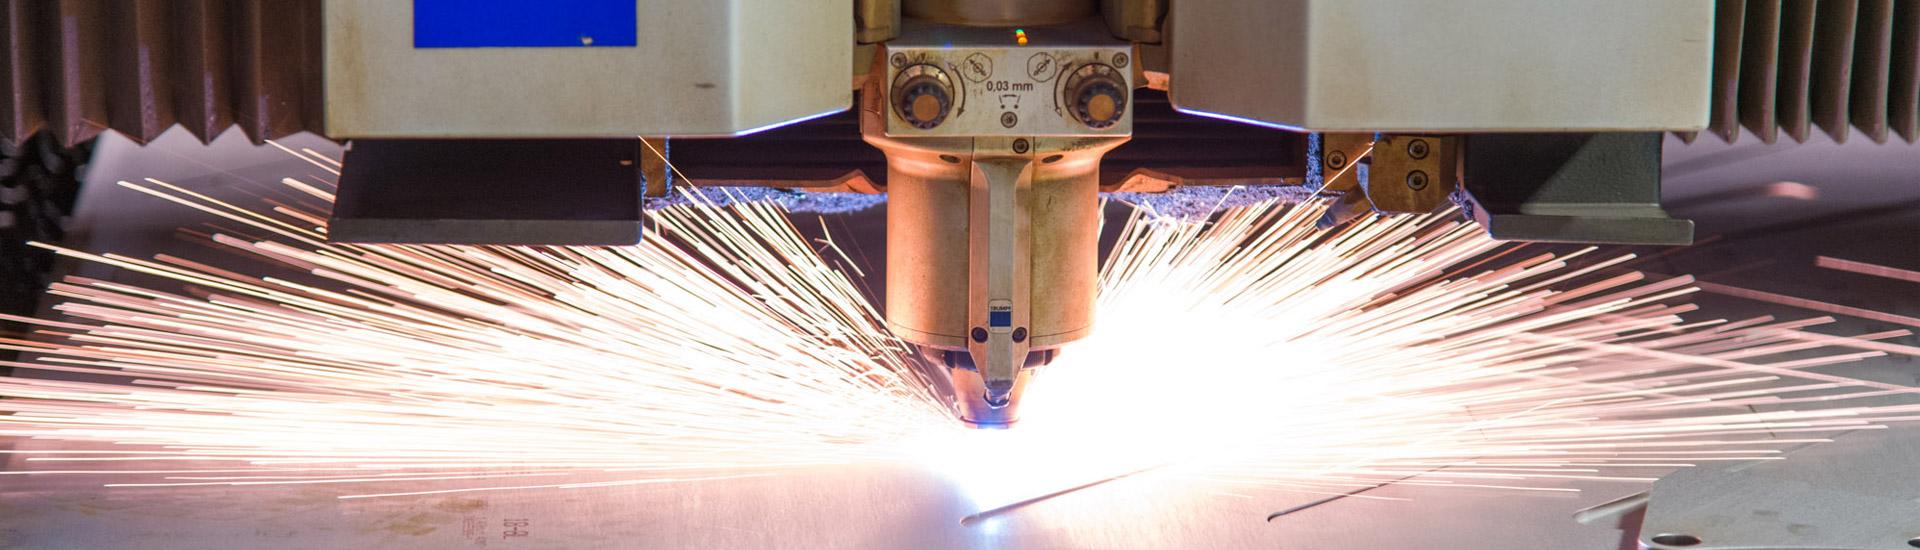 decoupe-piece-au-laser